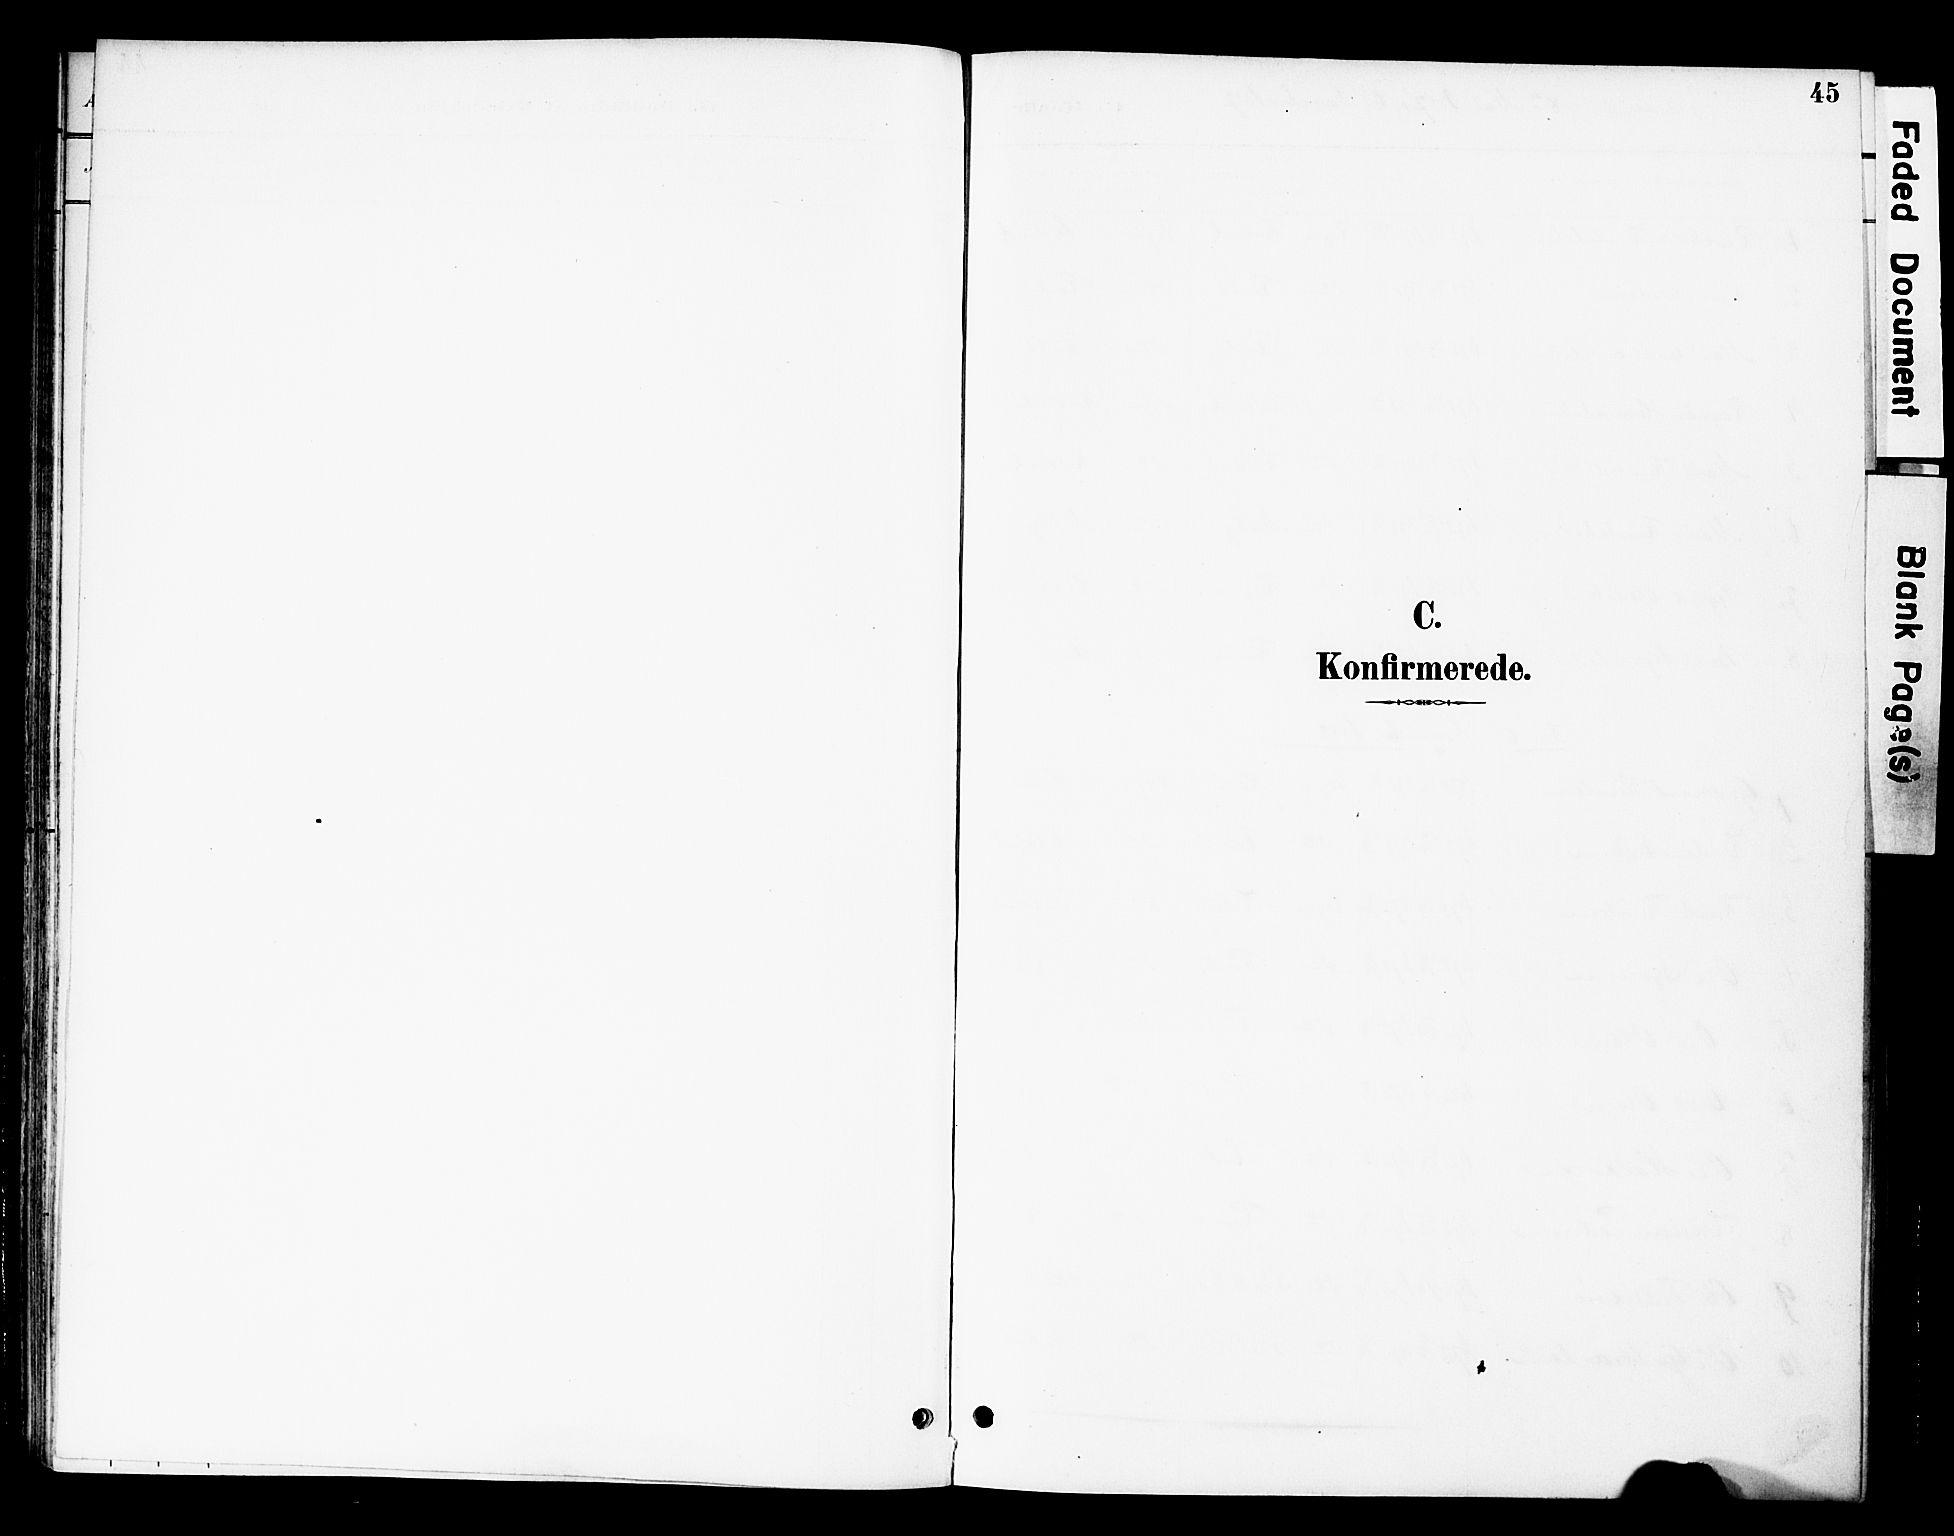 SAH, Øystre Slidre prestekontor, Ministerialbok nr. 3, 1887-1910, s. 45